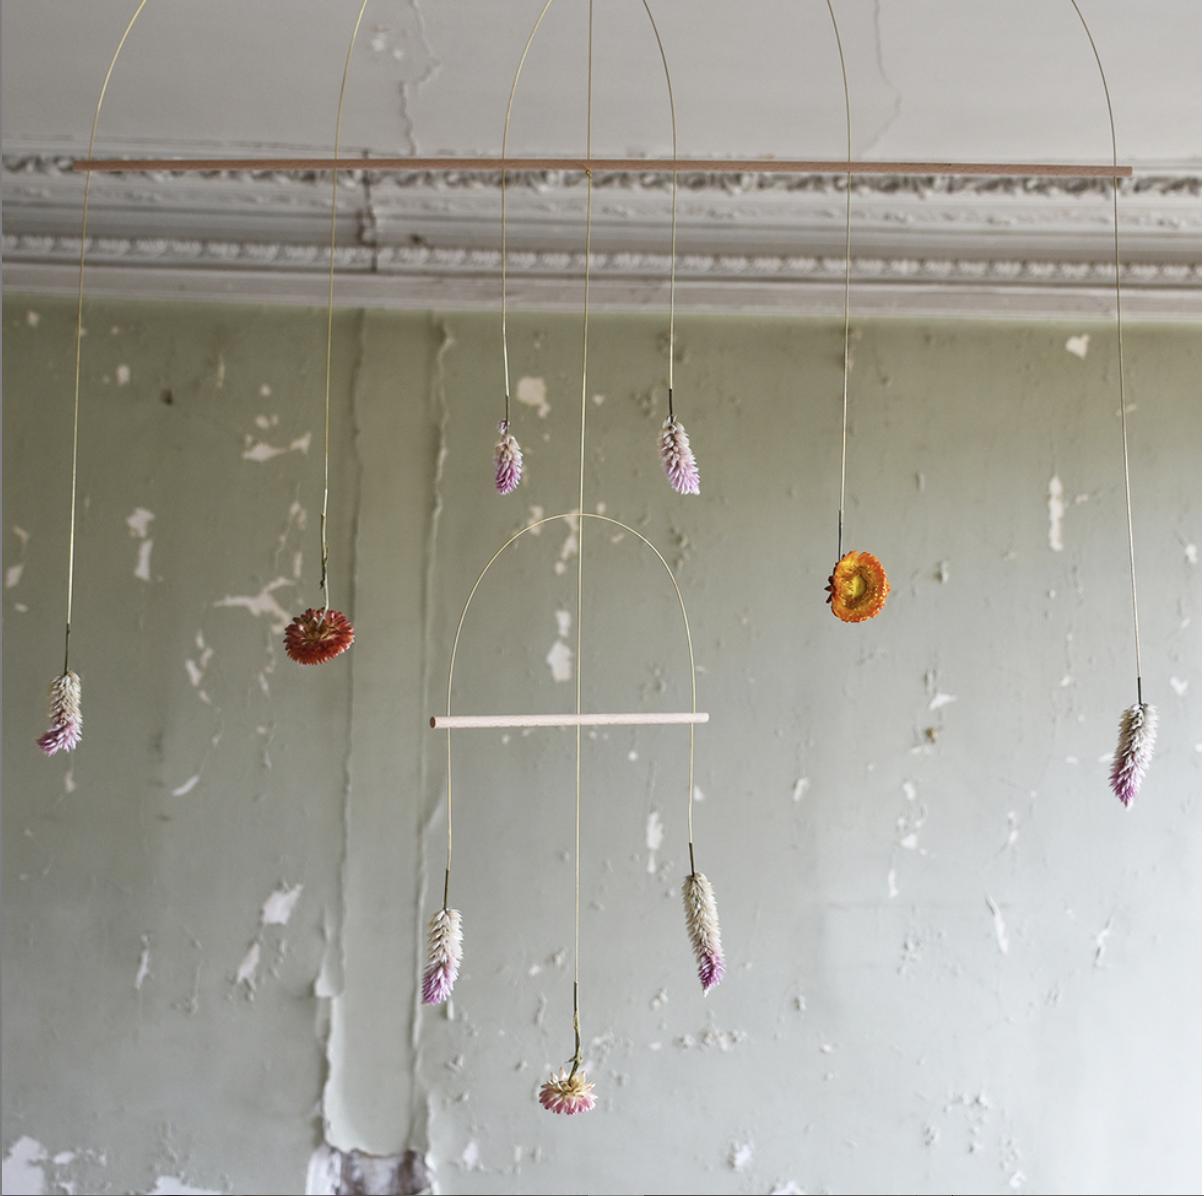 les-cueillettes-julie-beal-fleurs-sechees